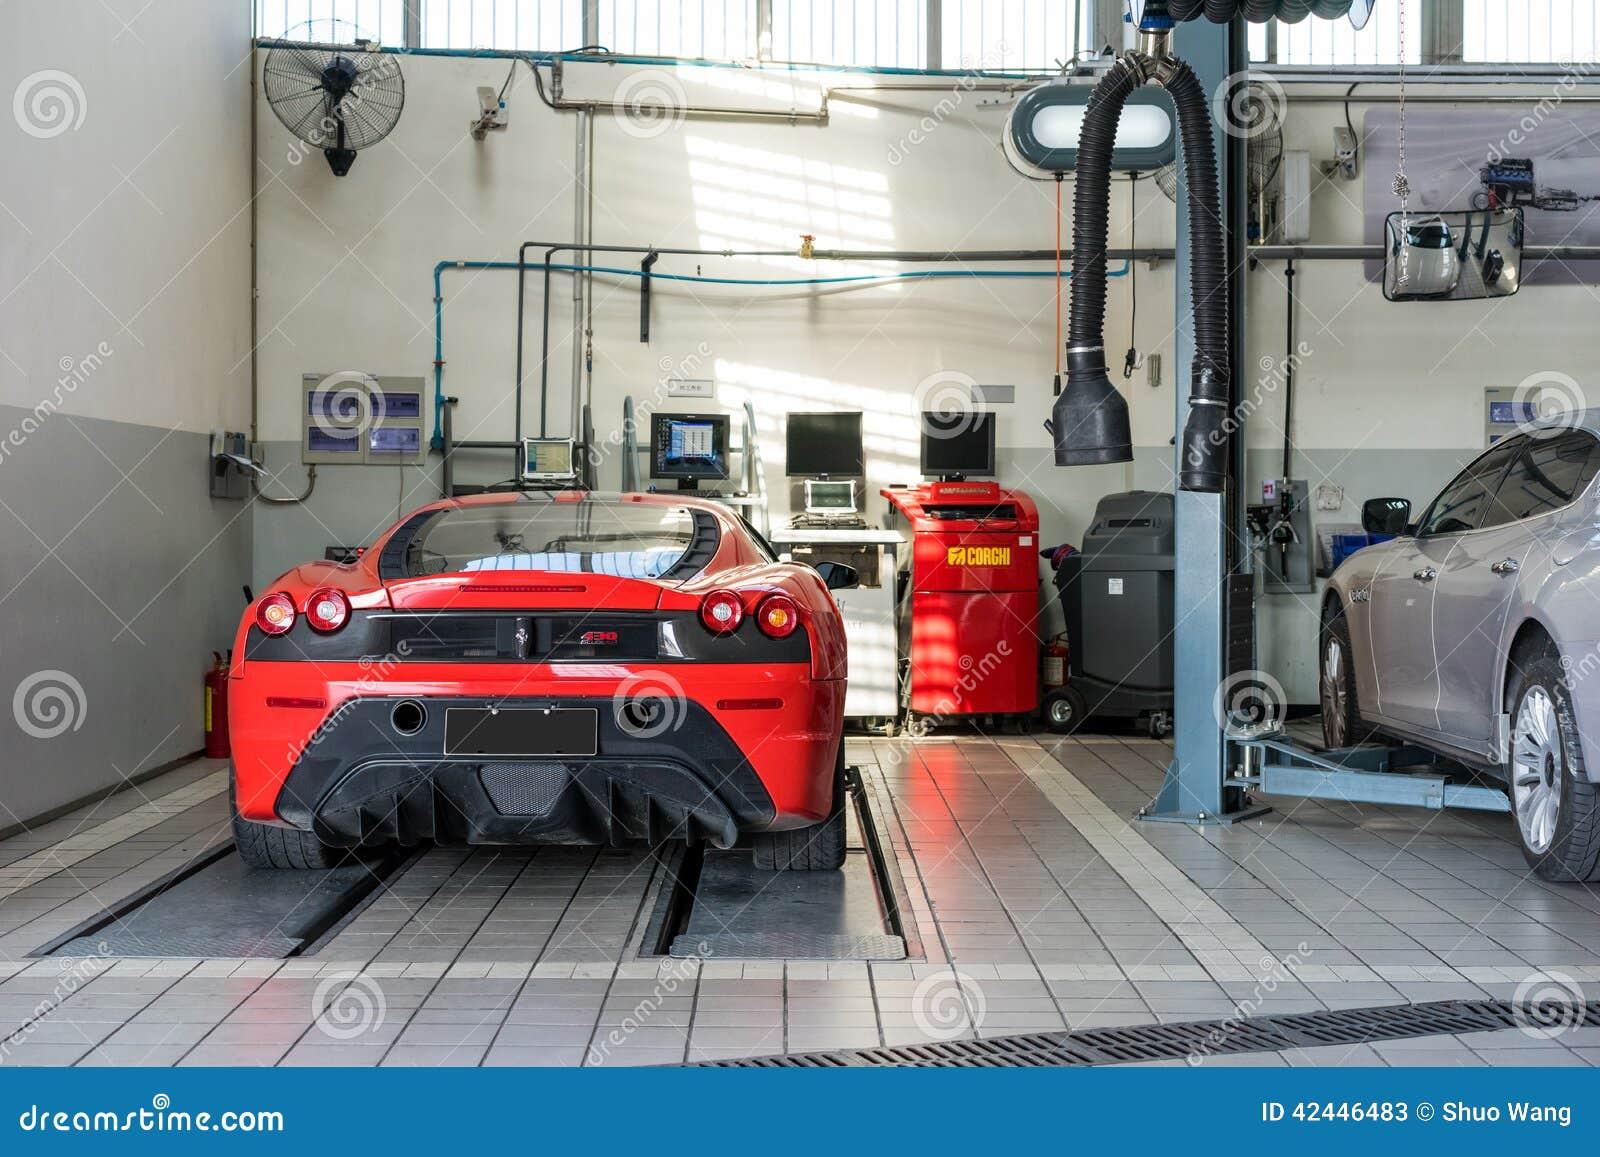 Design car repair workshop - Ferrari Car Repair Service